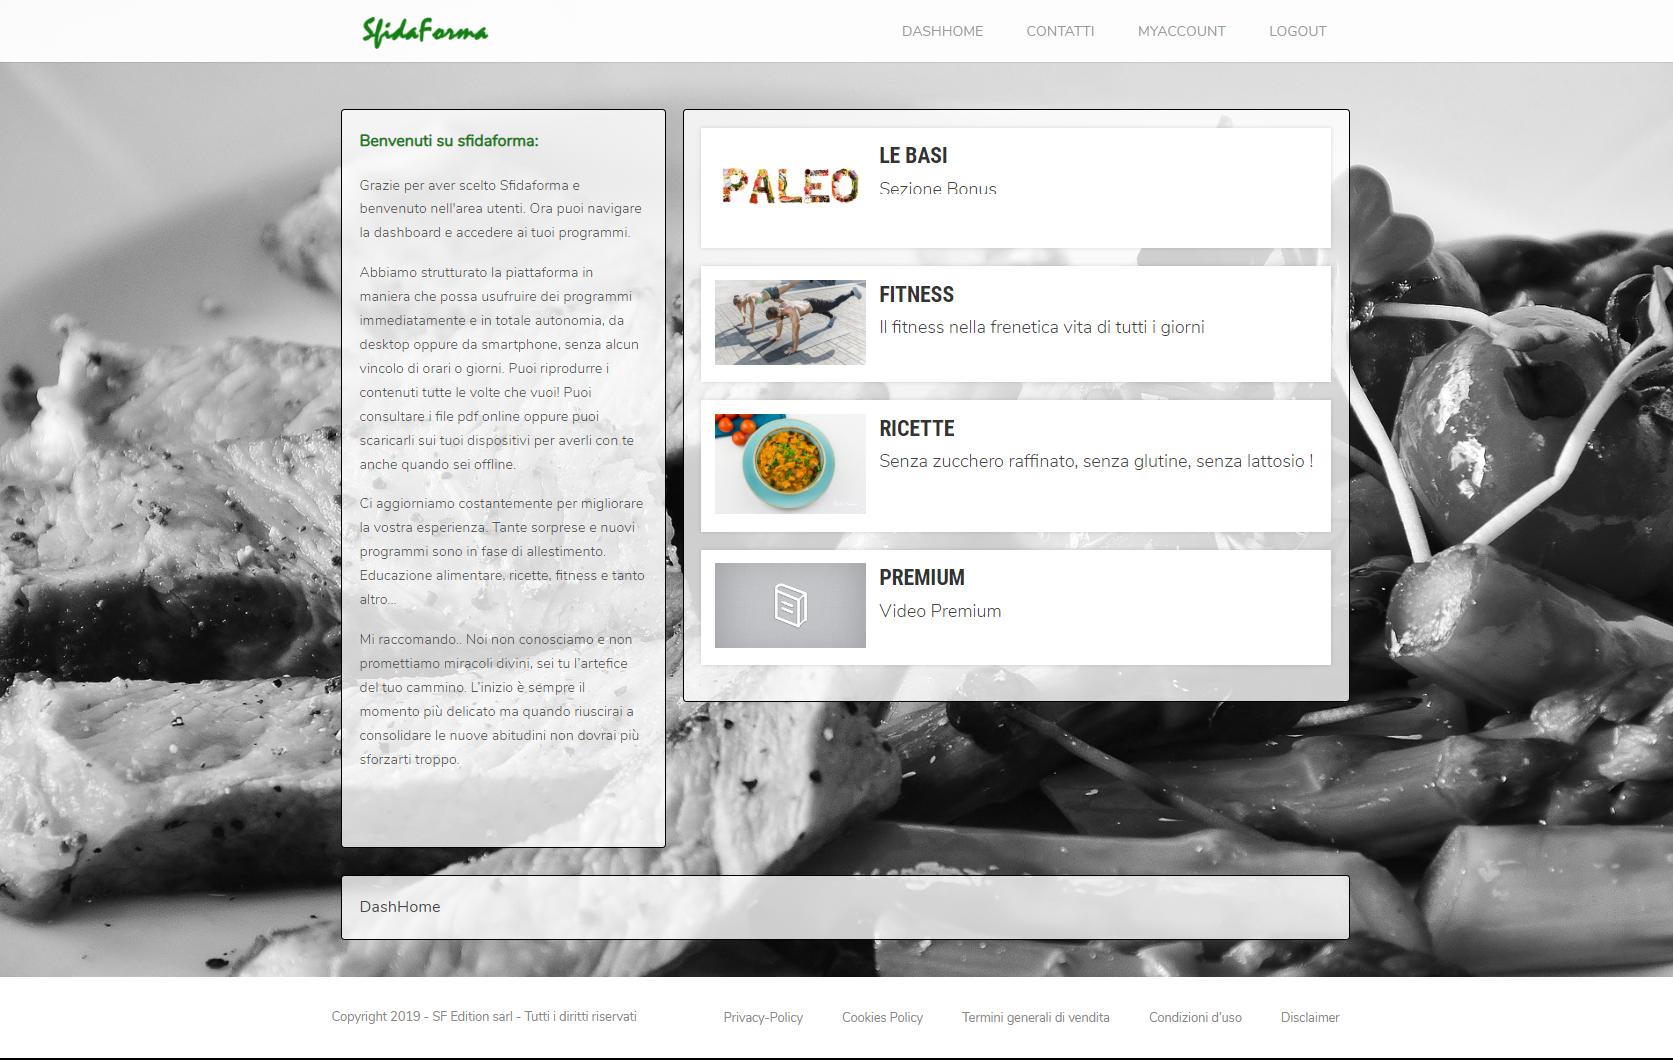 Realizzazione siti web aziendali - AutoreDigitale ©